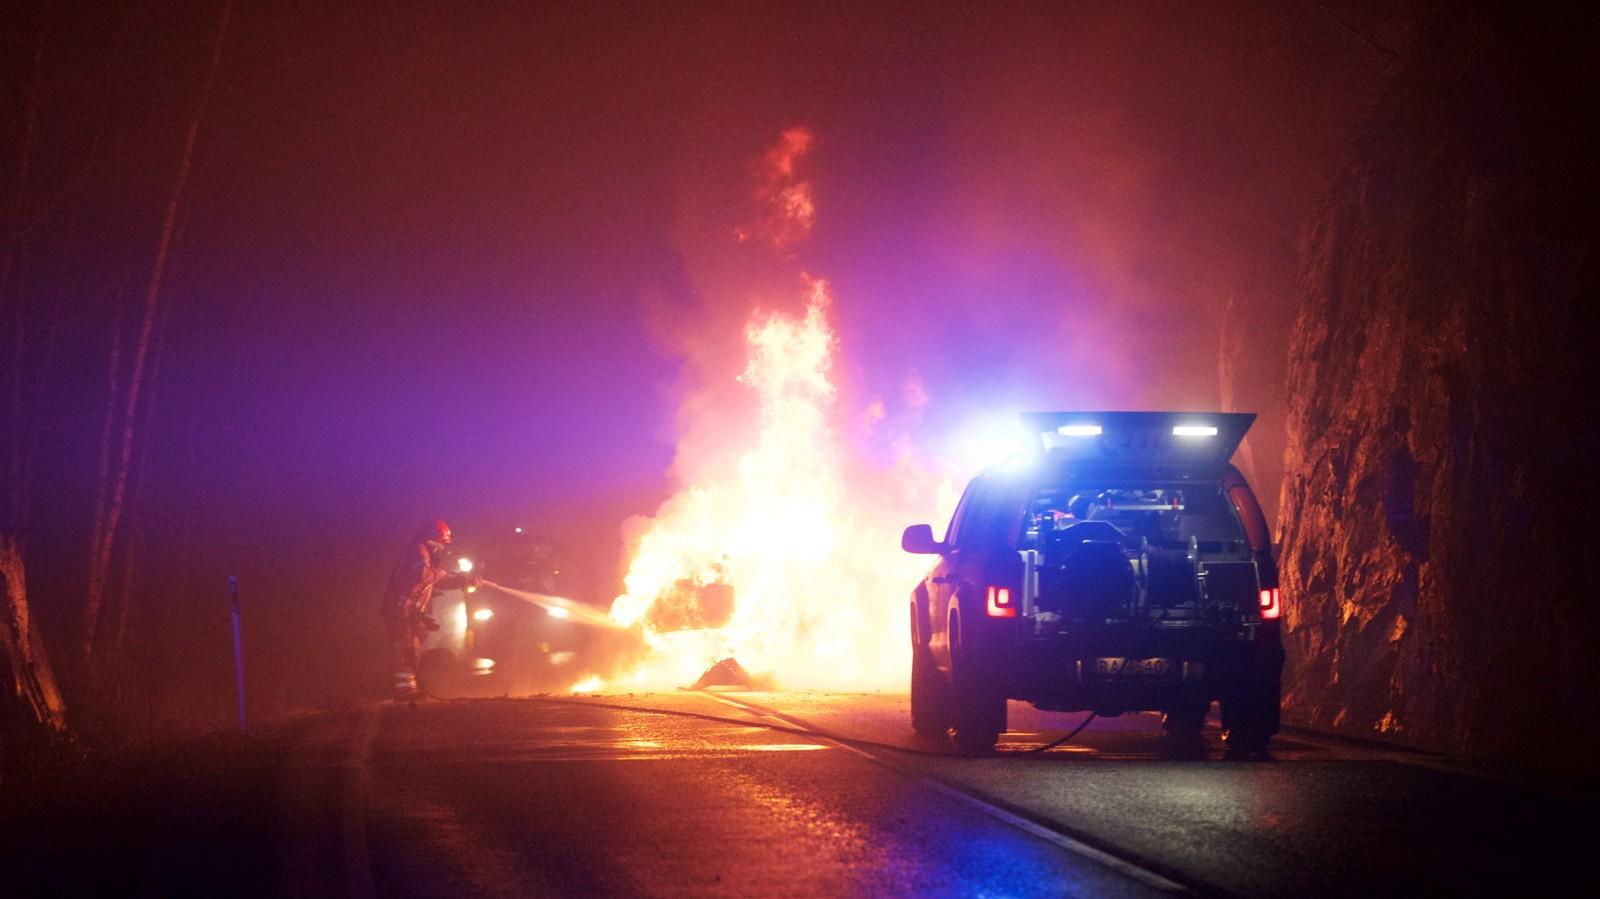 Brannmannskap slukket den kraftige bilbrannen.